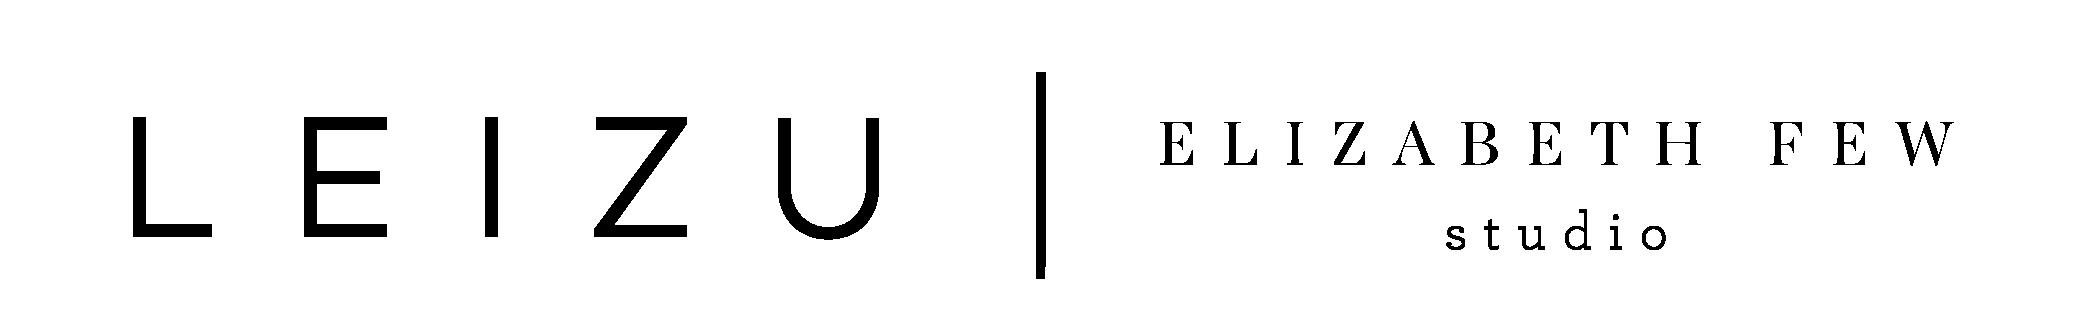 EF_leizu-label_one-color.png